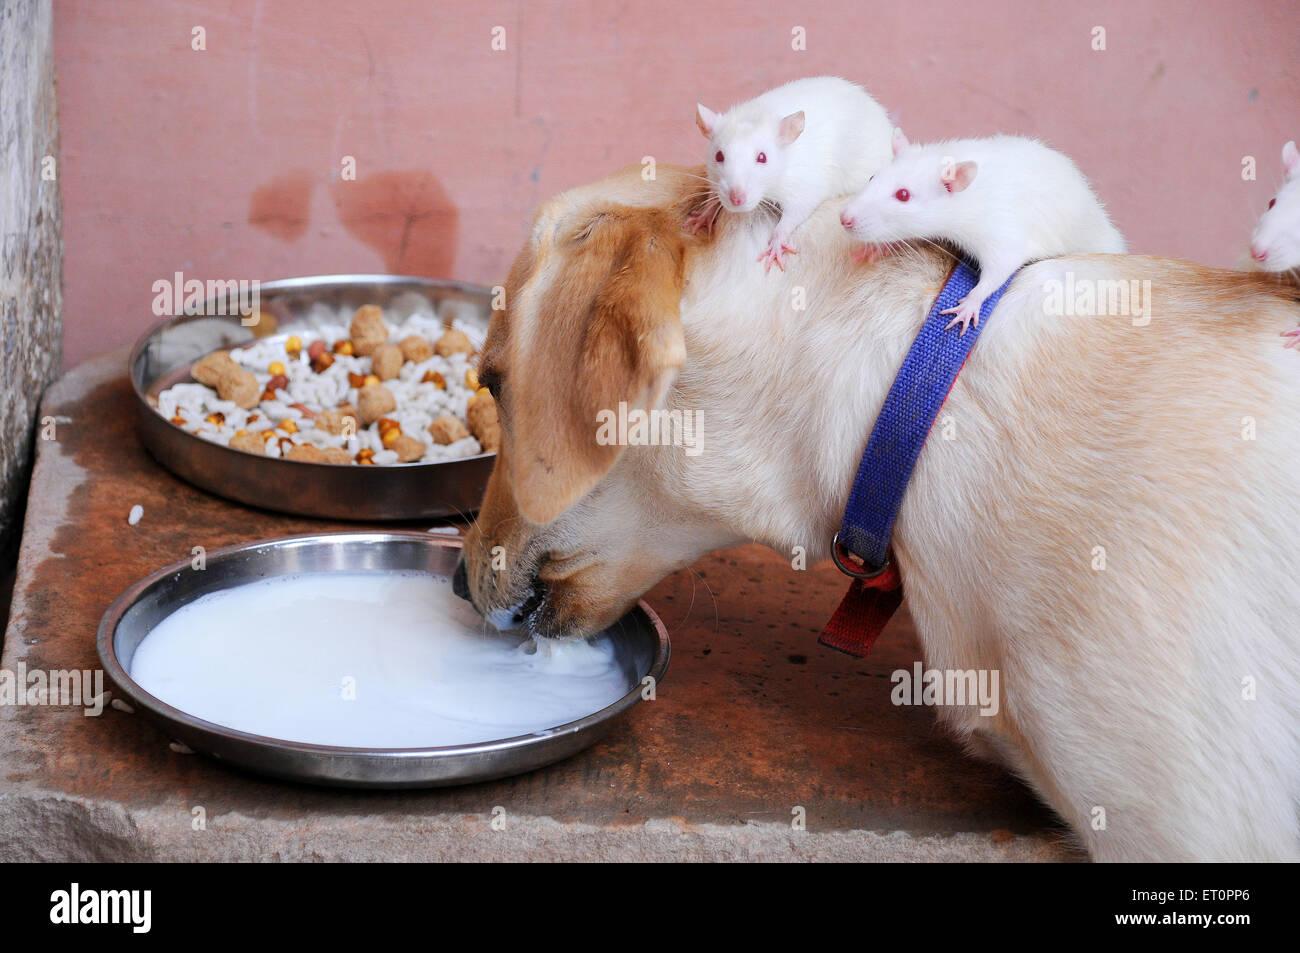 Hund und weißen Ratten trinken Milch wie Freunde, Jodhpur, Rajasthan, Indien Stockbild